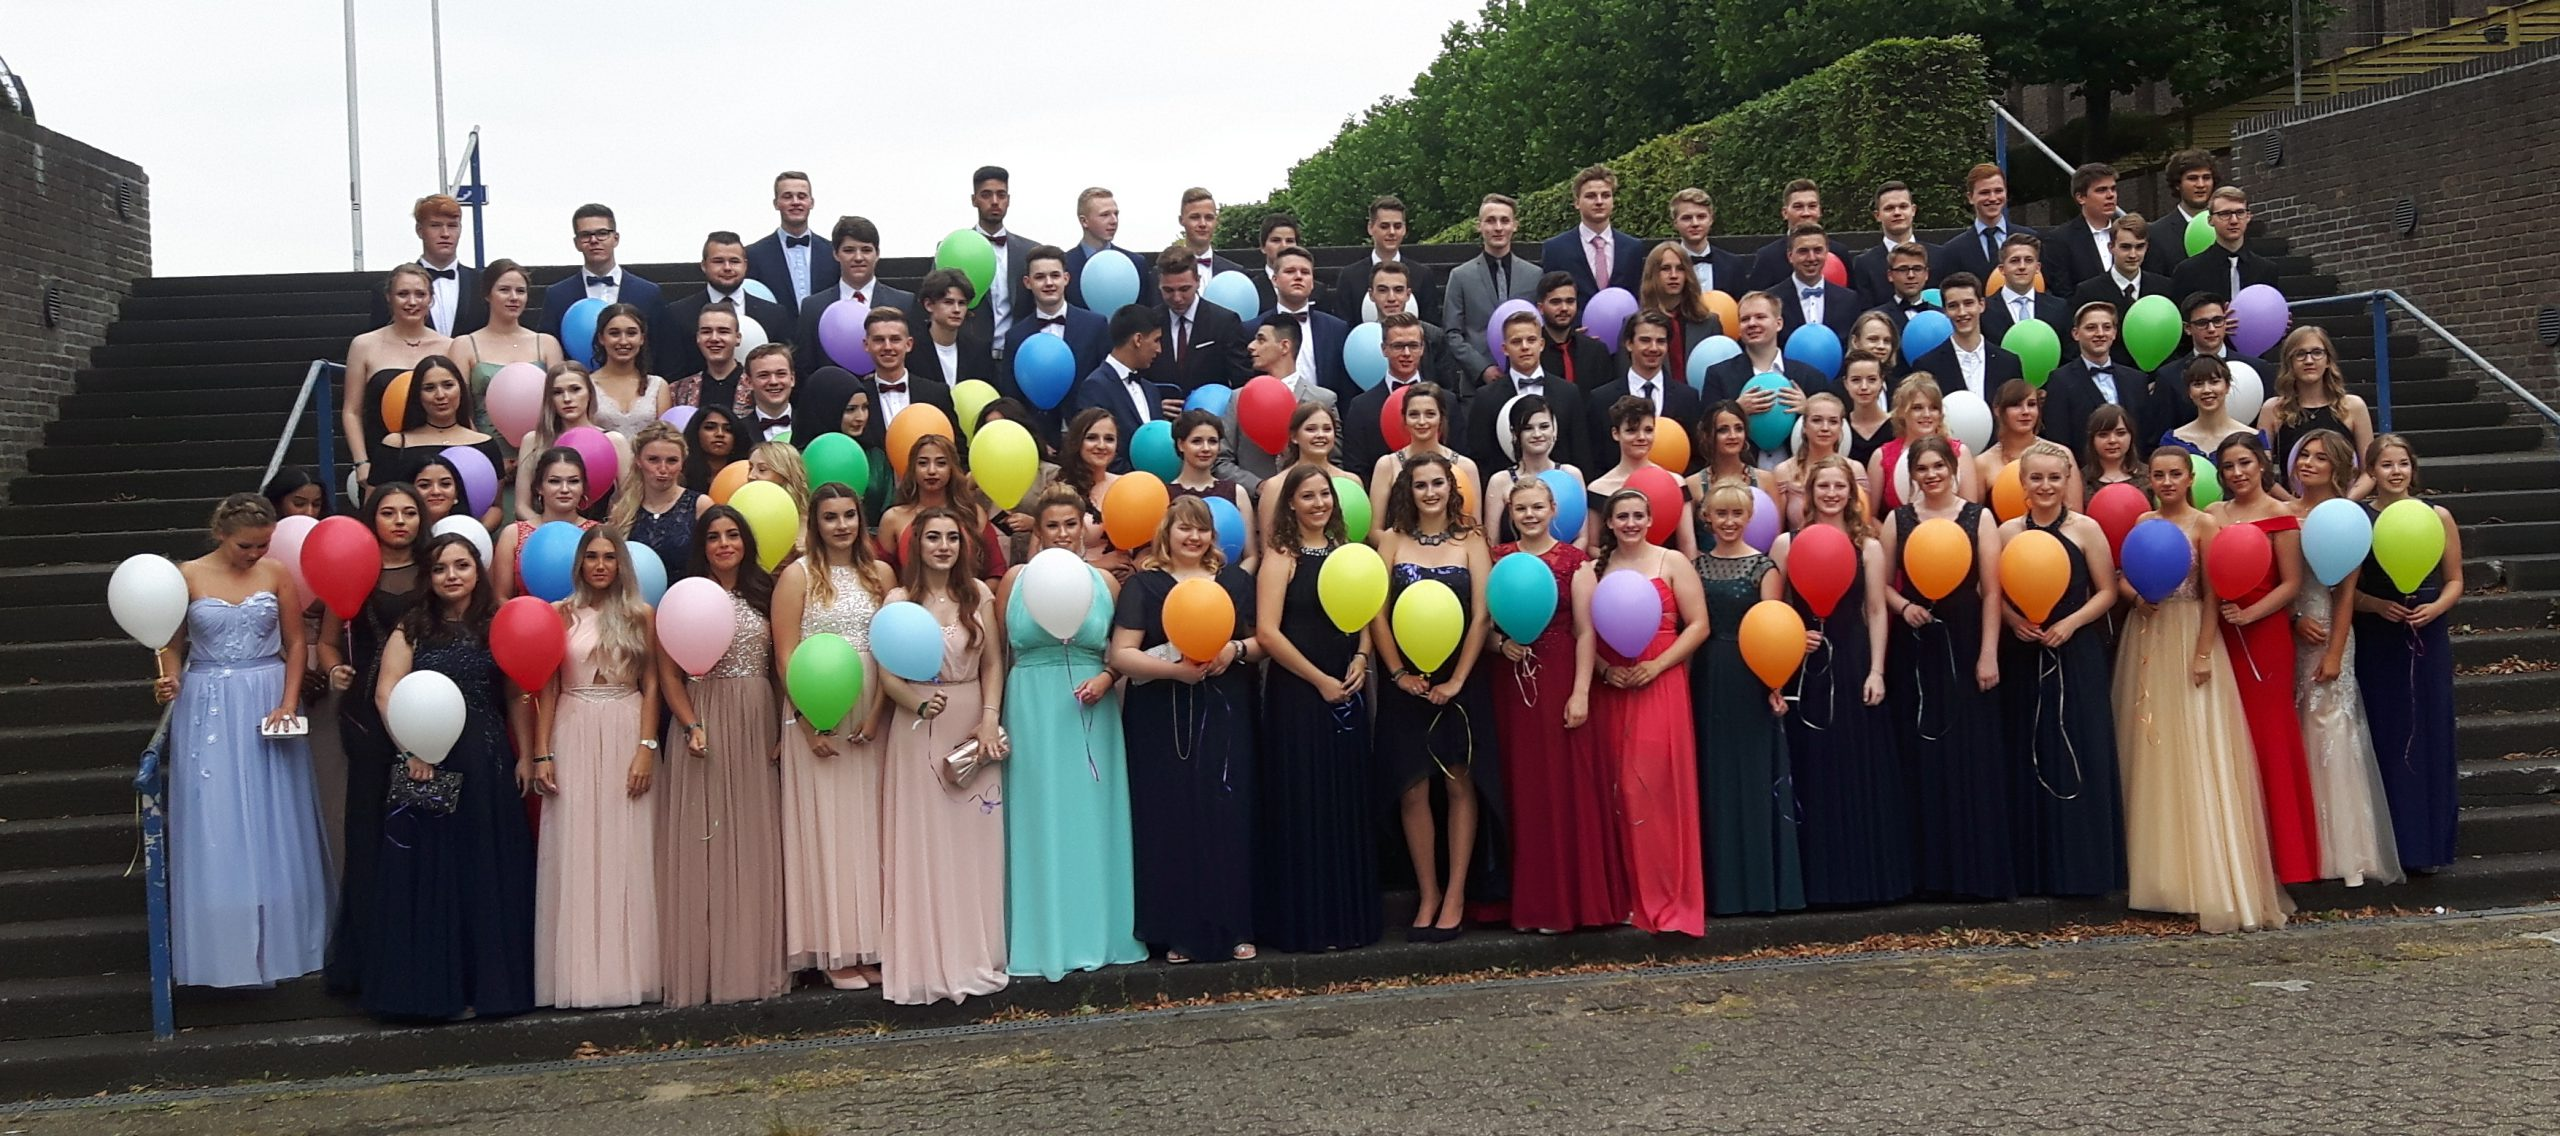 Pestalozzi Abiturienten 2017 mit Ballons